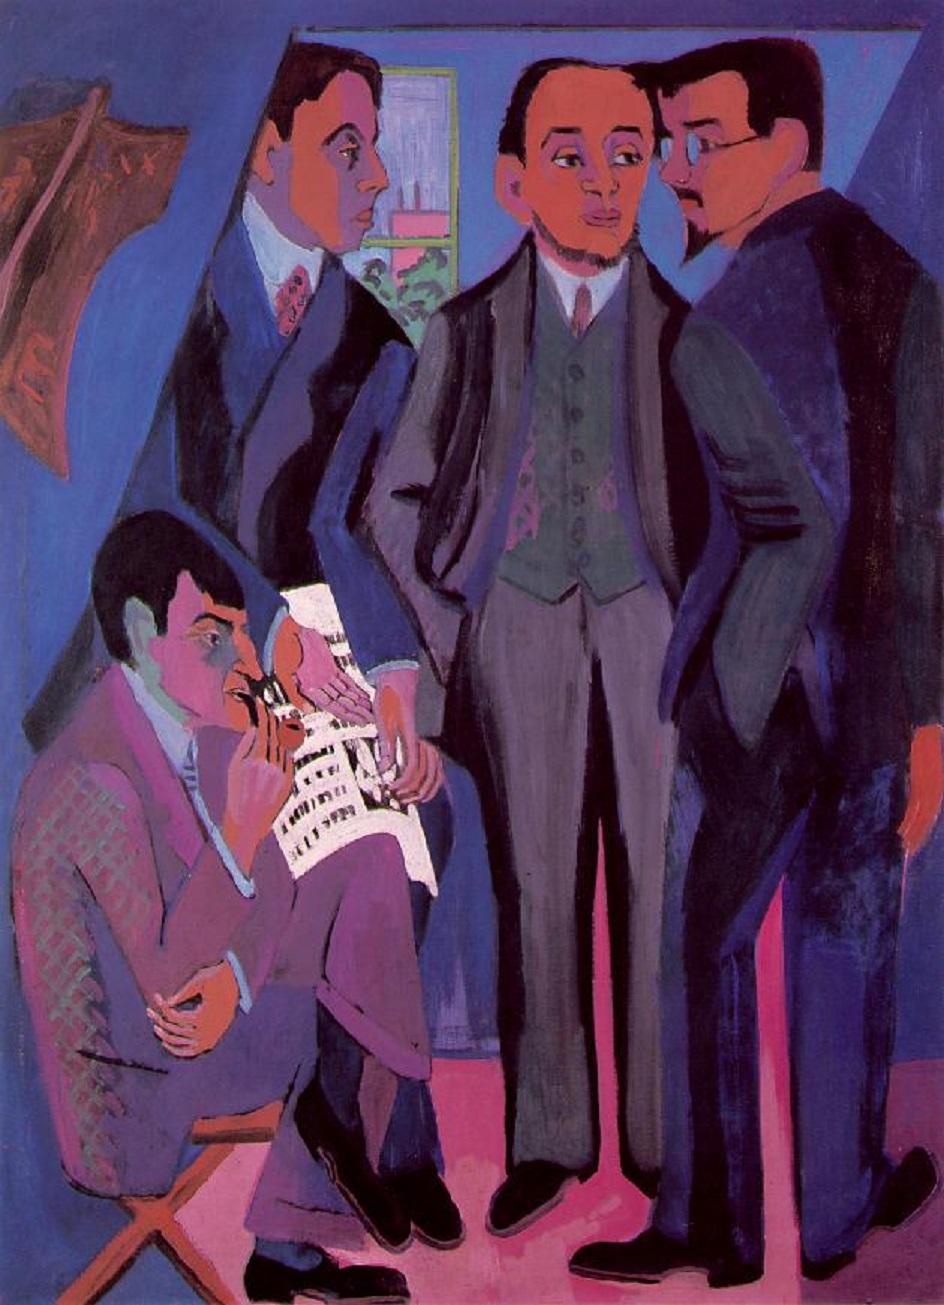 Эрнст Людвиг Кирхнер. «Групповой портрет участников группы Мост», 1926-1927